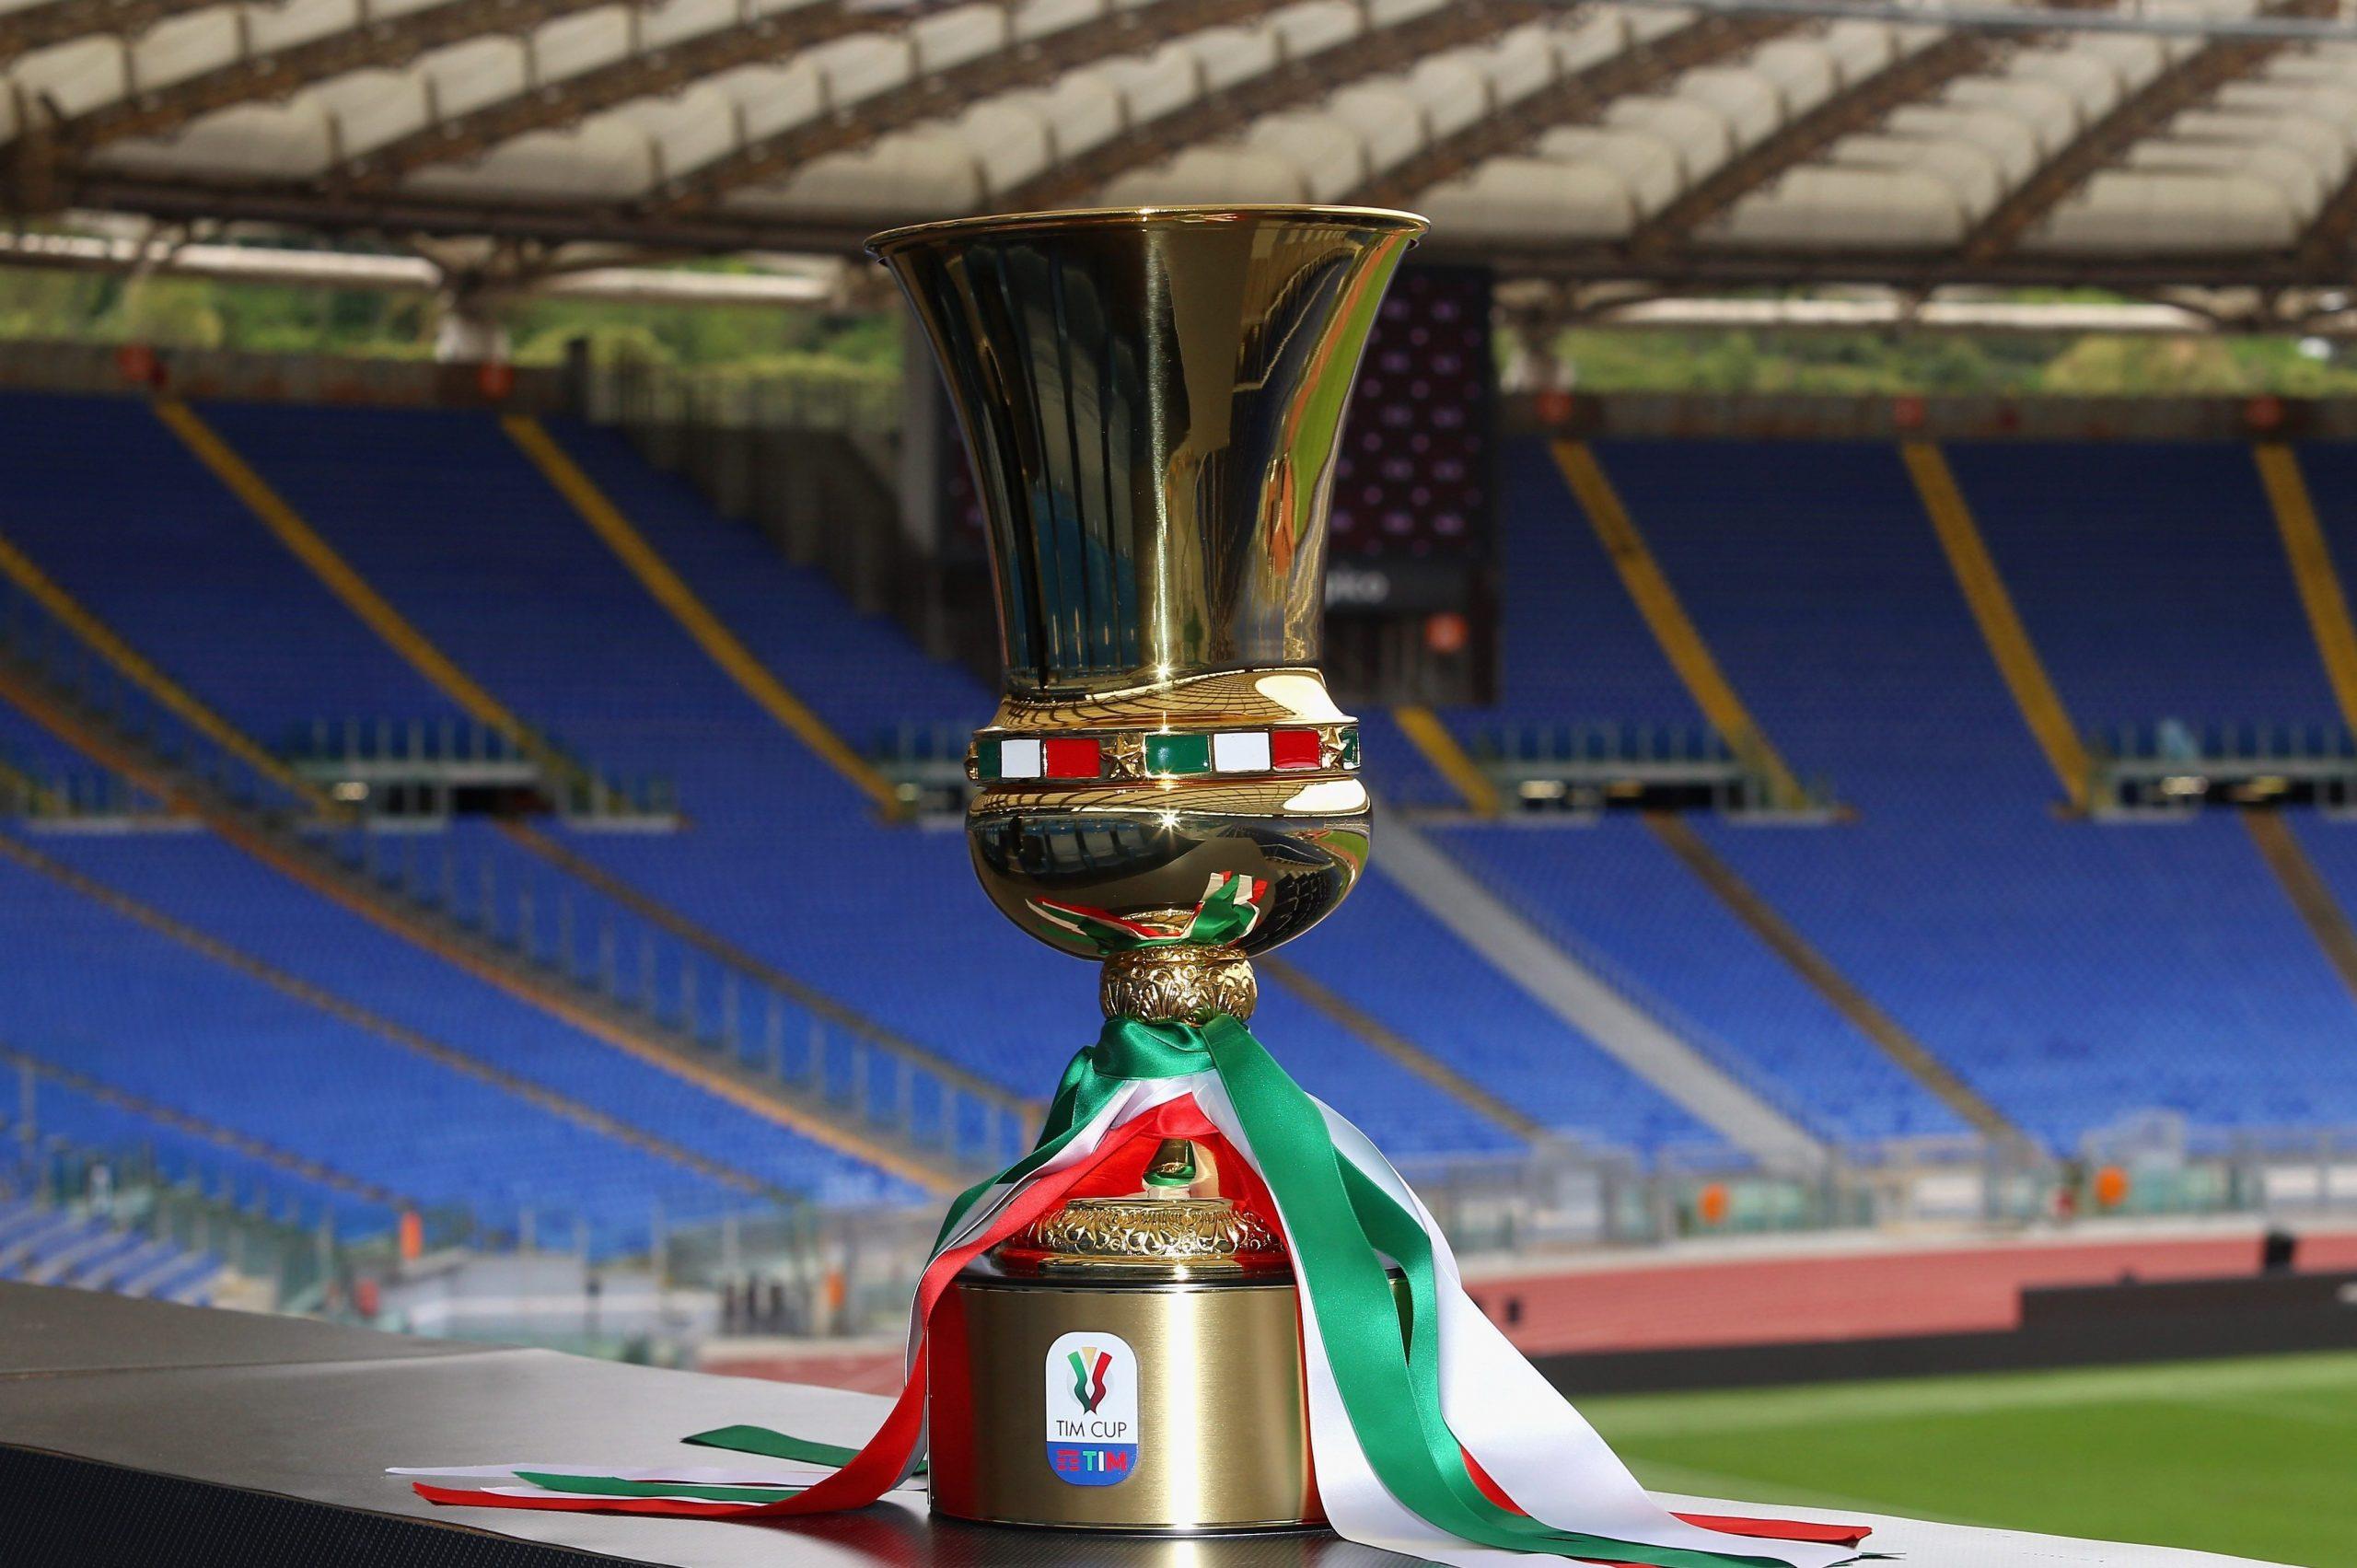 Coppa Italia - Albo d'oro